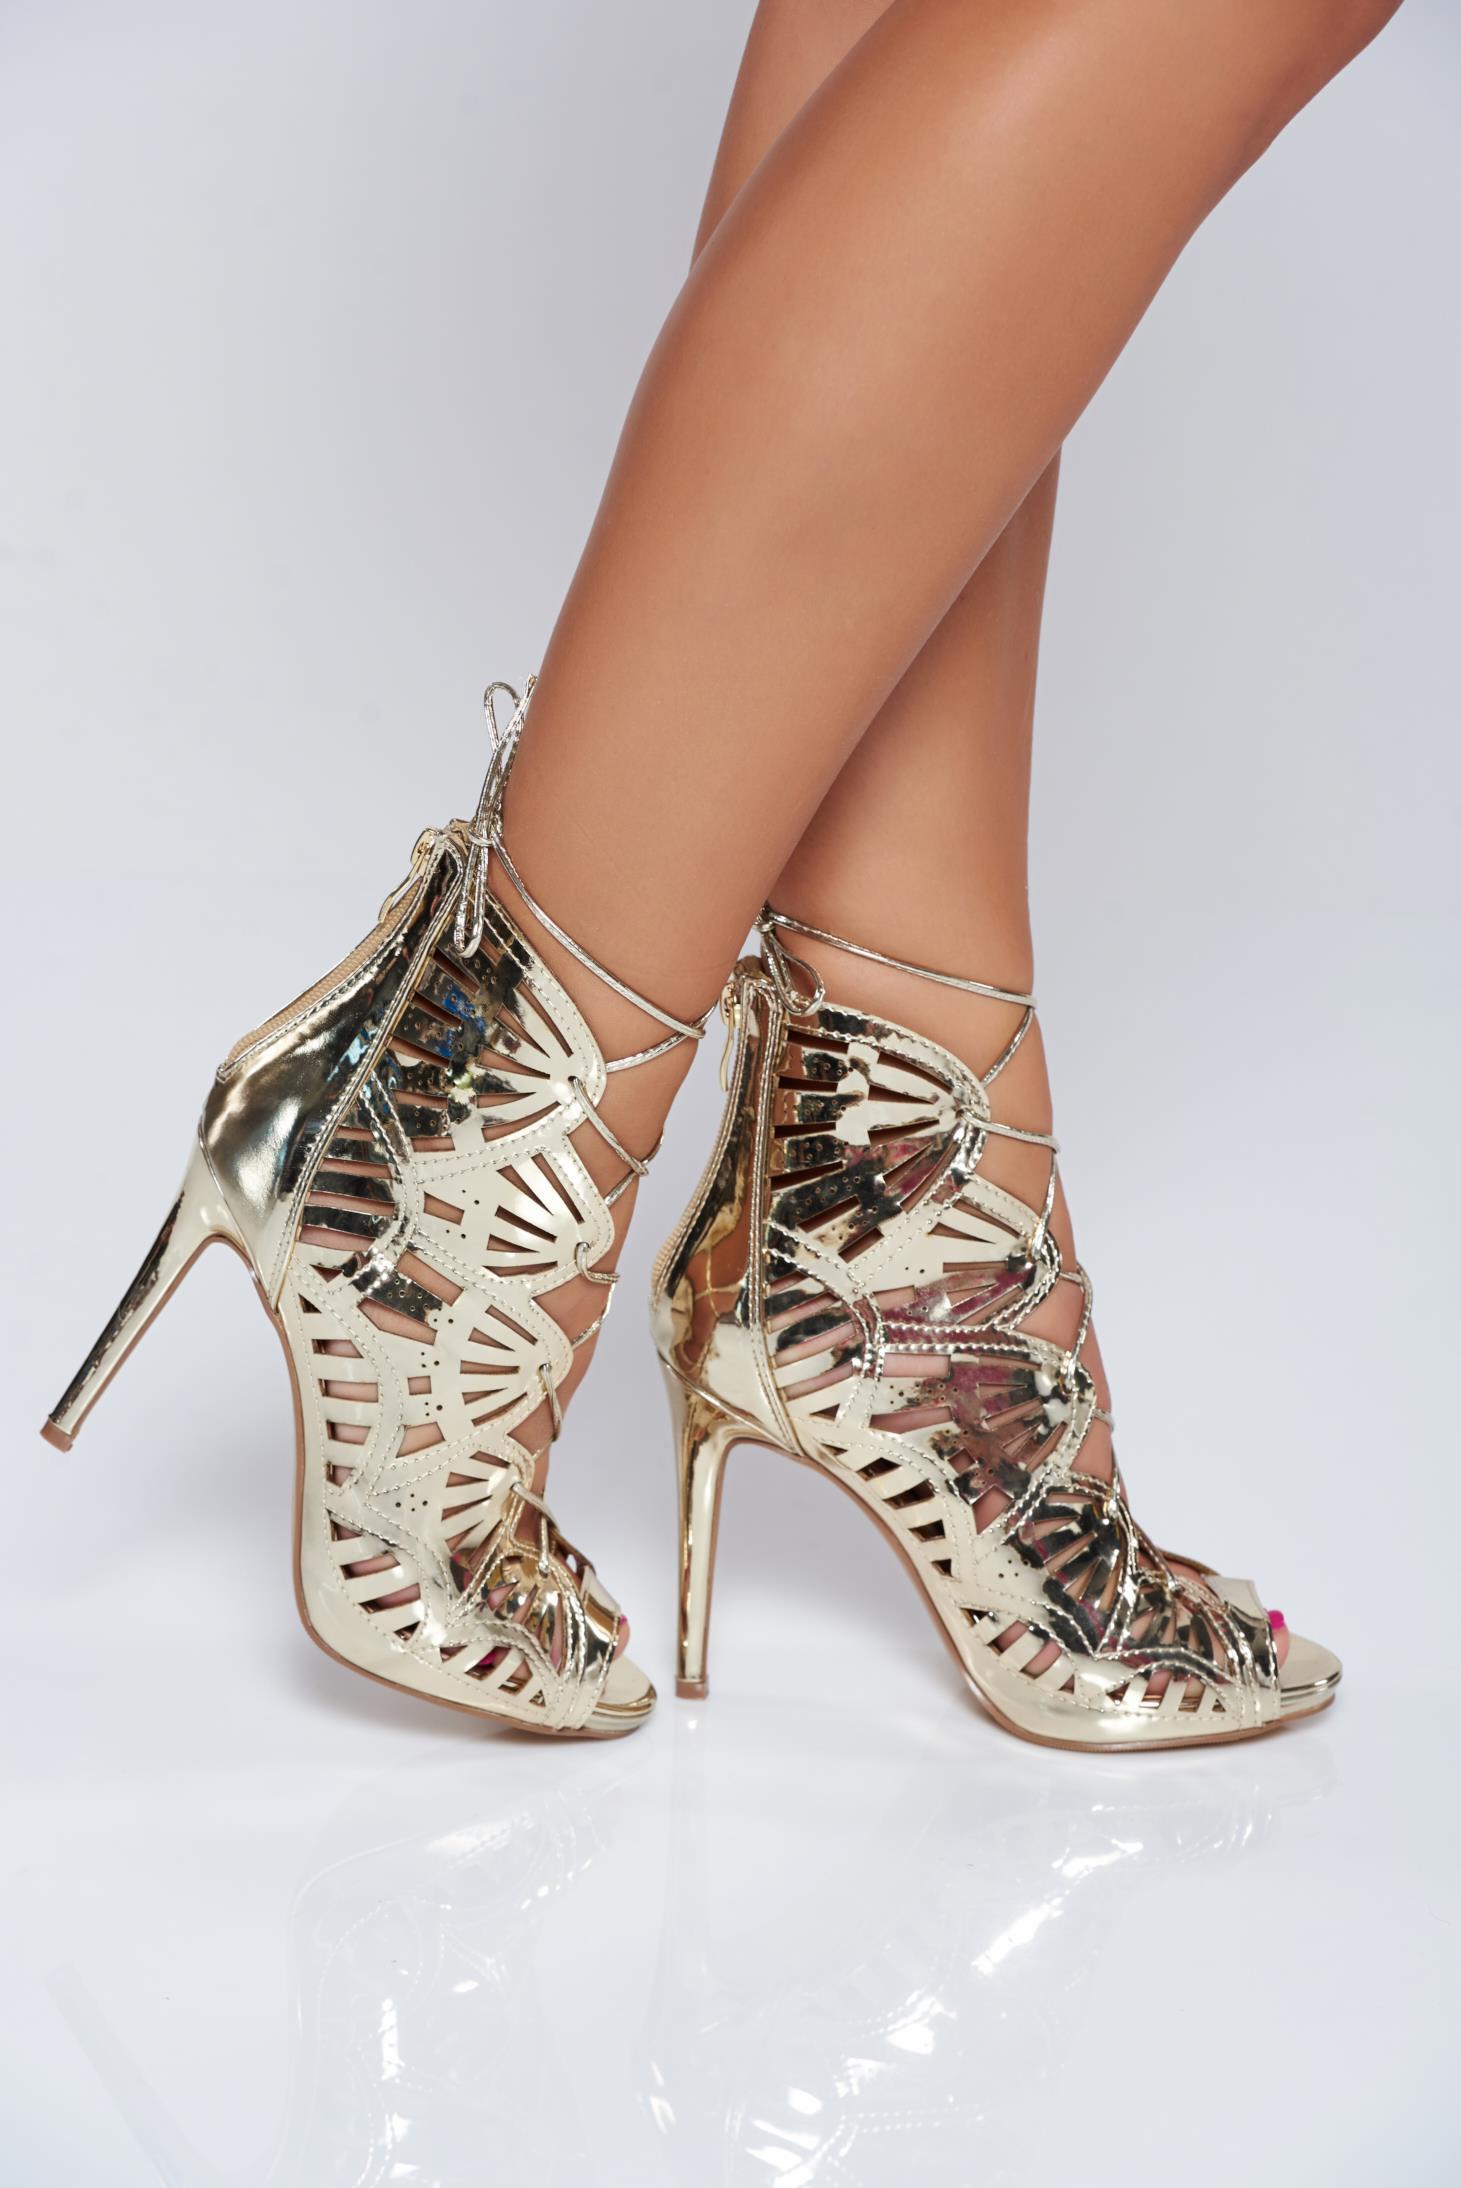 Sandale aurii cu toc inalt cu aspect metalic cu decupaje in material